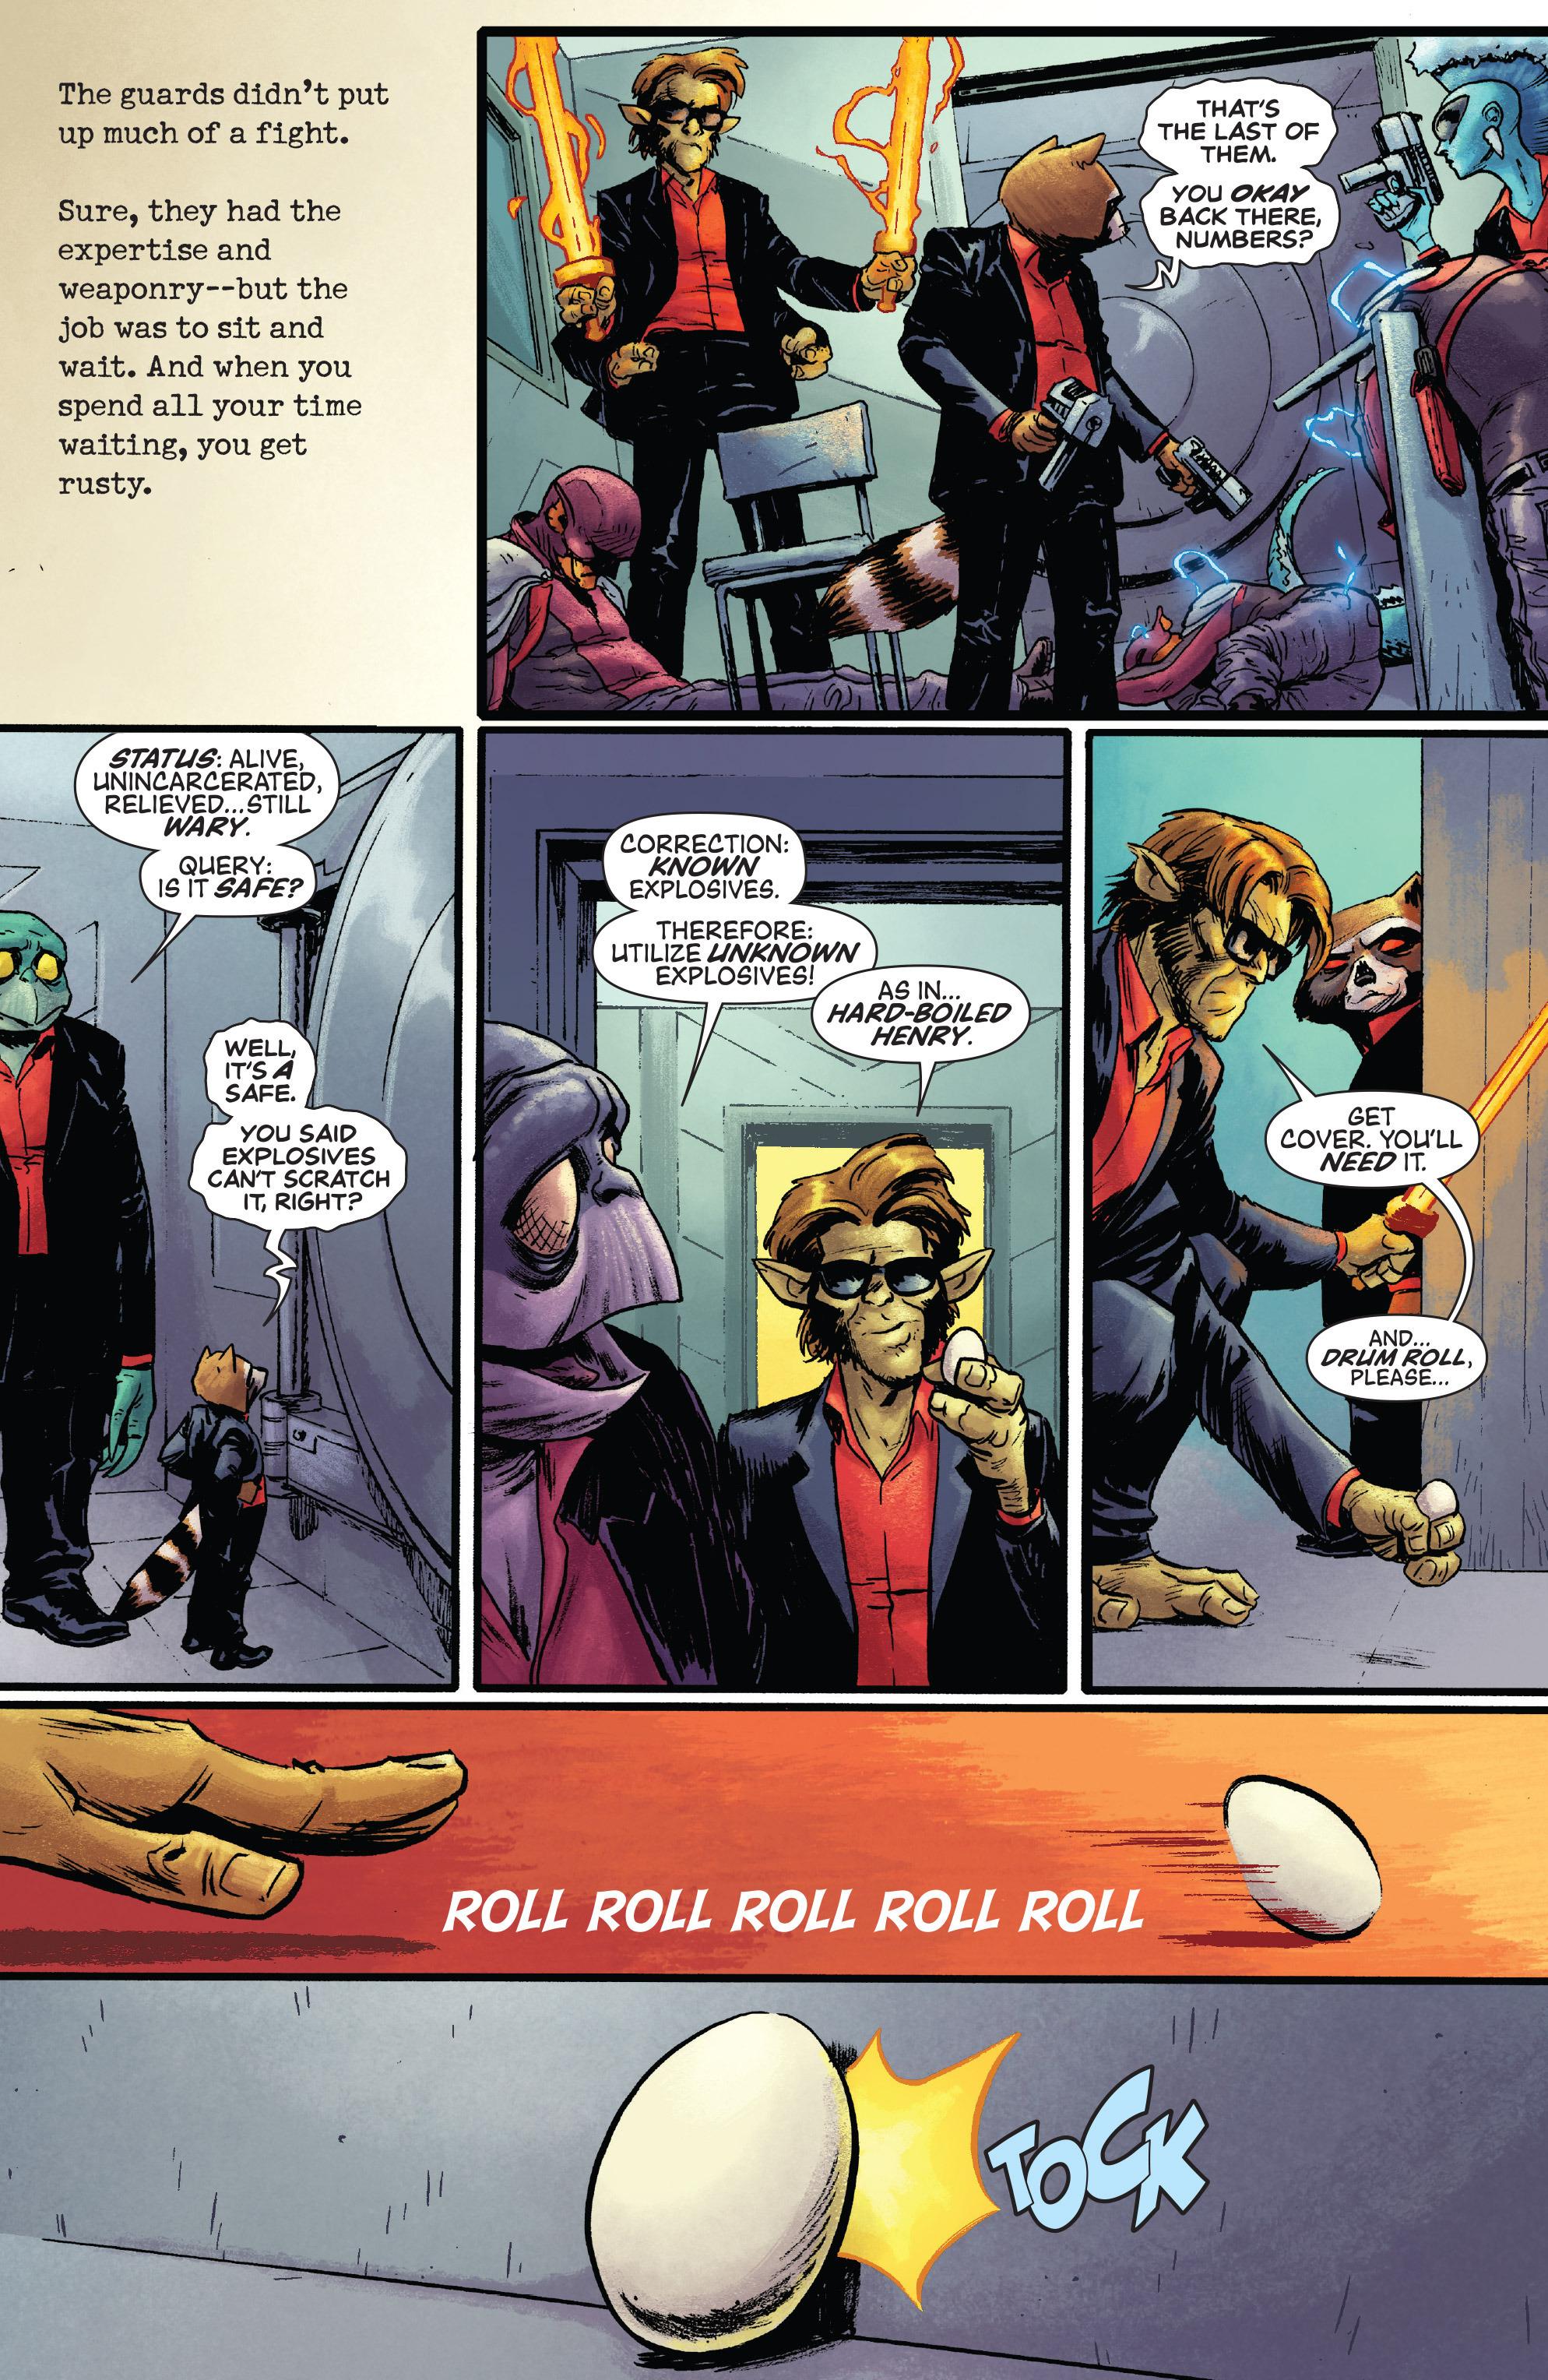 Read online Rocket comic -  Issue #1 - 19